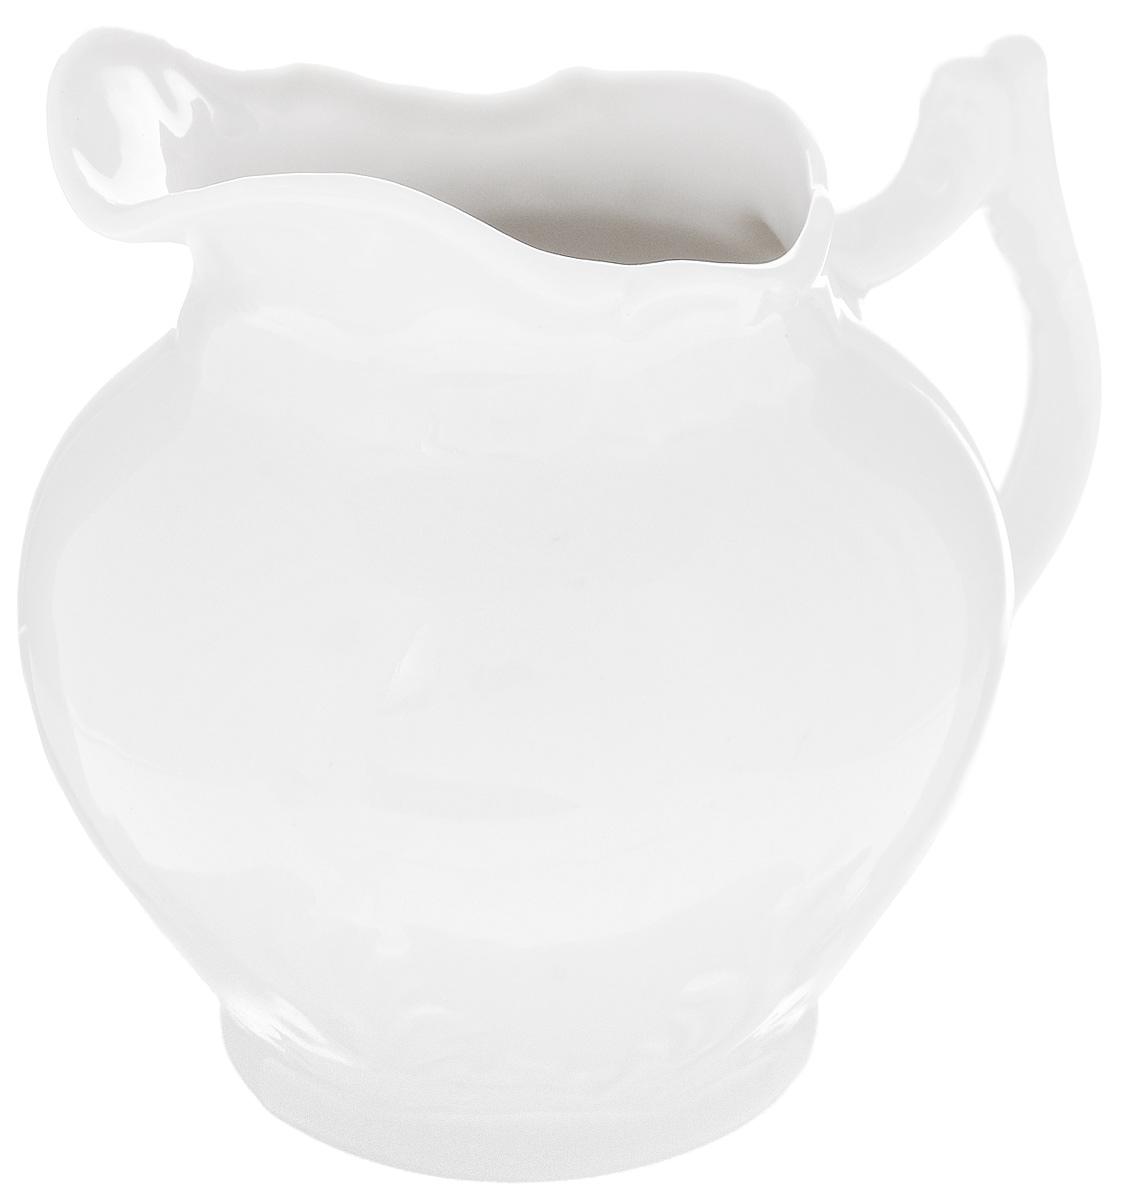 Сливочник Фарфор Вербилок, 350 мл115510Сливочник Фарфор Вербилок выполнен из высококачественного фарфора. Это изделие предназначено для того, чтобы красиво и аппетитно подавать на стол сливки или молоко к чаю, кофе, супу или фруктам.Размер сливочника (по верхнему краю): 6 х 7,5 см.Высота сливочника: 11,5 см.